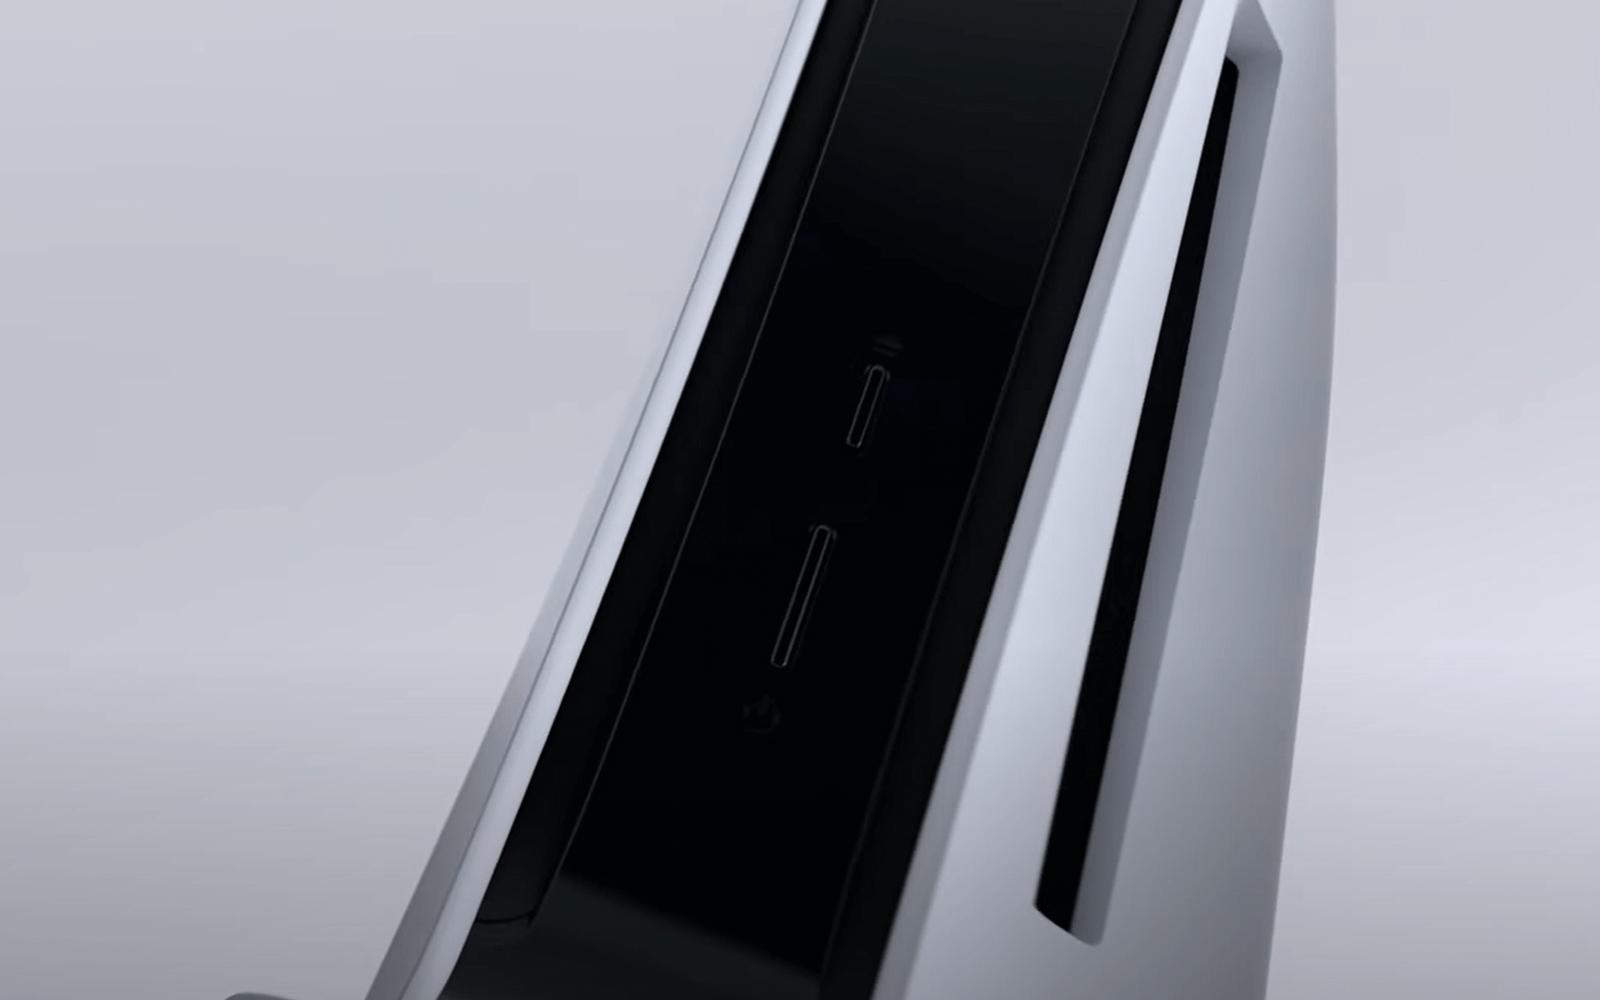 Sony PlayStation kontsola da 5!  Bi bertsioetan egongo da eskuragarri